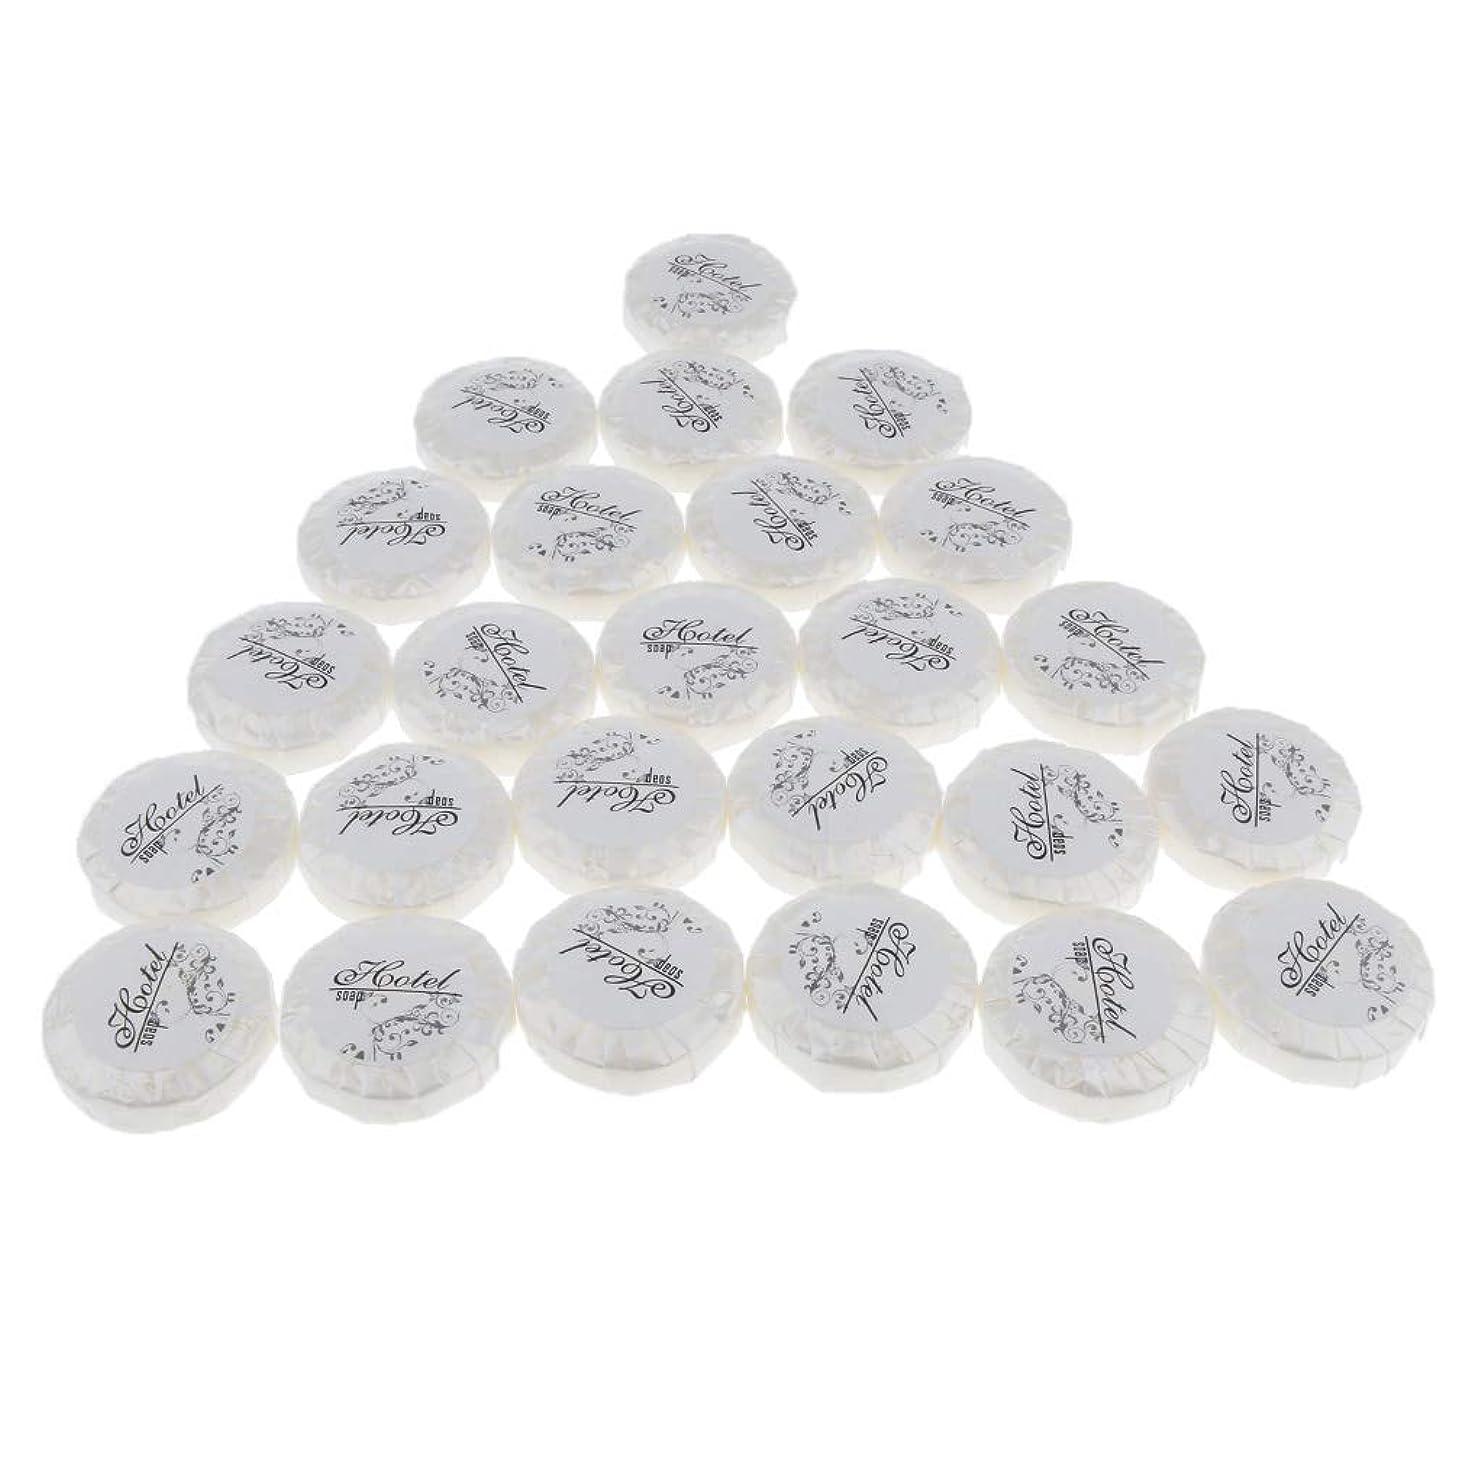 出くわす擬人ミスP Prettyia 約150個セット 石鹸 洗顔石鹸 固形せっけん 無添加 植物油 ミニサイズ 携帯用 全3種類選ぶ - 13g